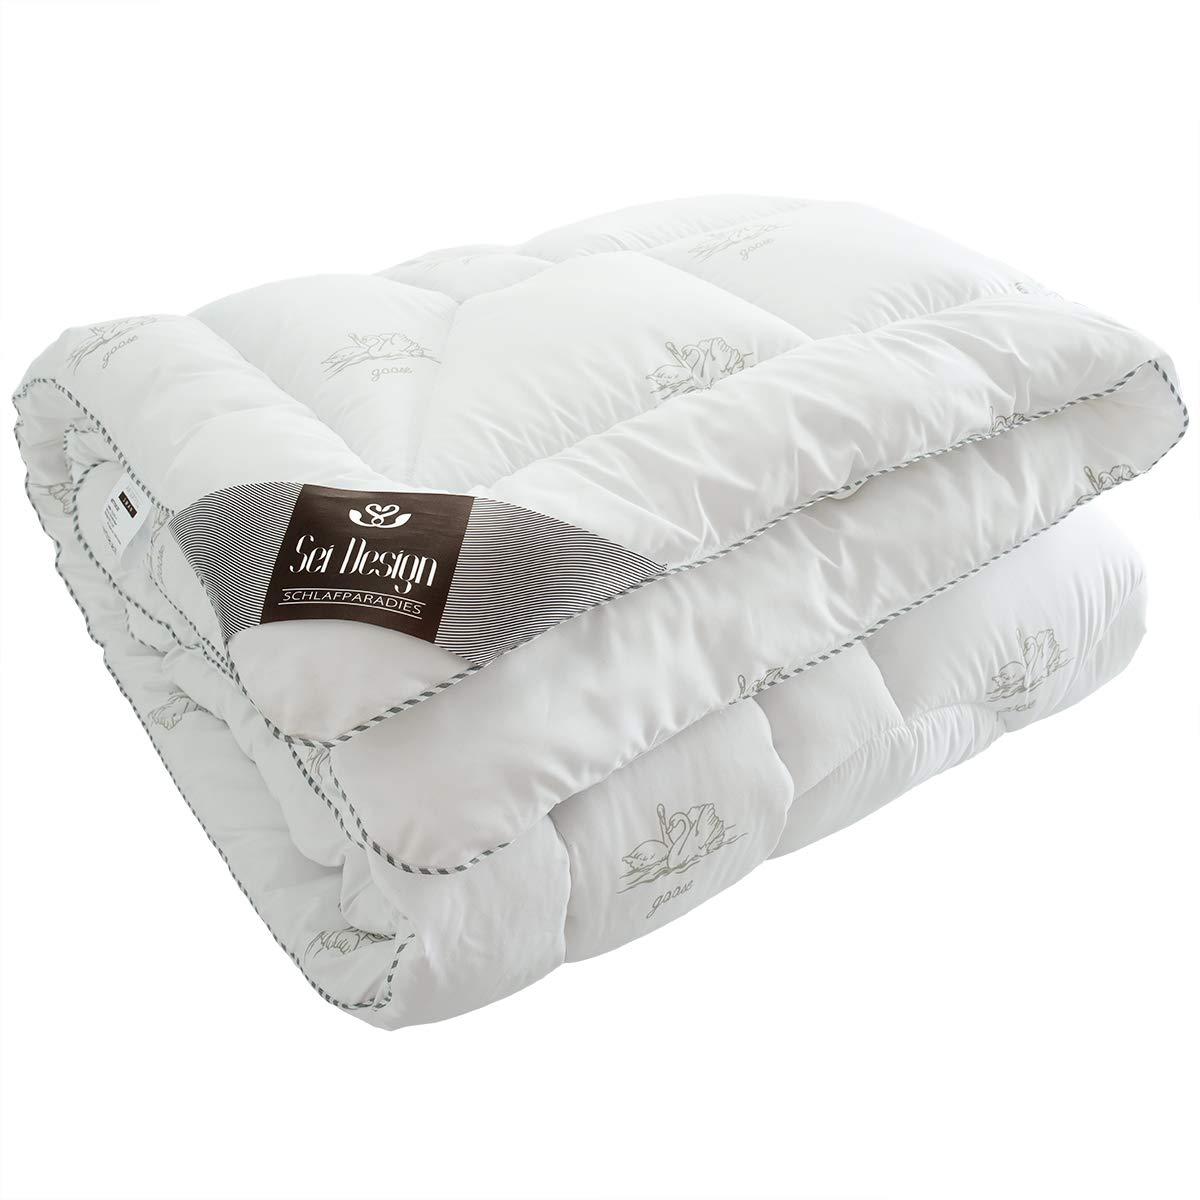 Sei Design Premium Winter Bettdecke SWAN – 155x220 mit daunenähnlicher Füllstruktur – SWAN extra warm – Bezug 100% Baumwolle   leichte Decke mit hoher Wärmehaltung 390911